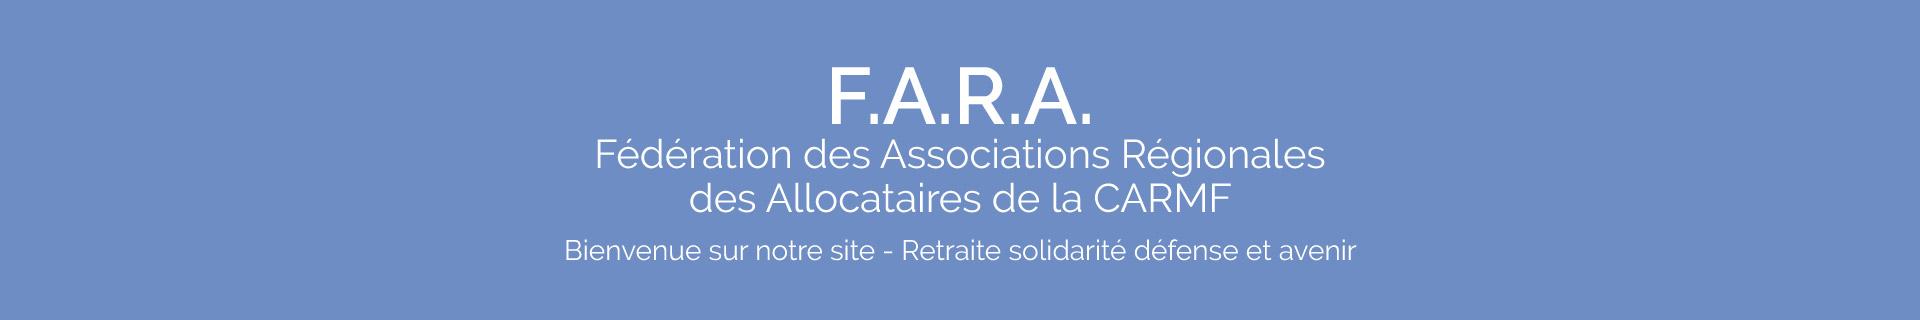 Fédération des Associations Régionales des Allocataires de la CARMF